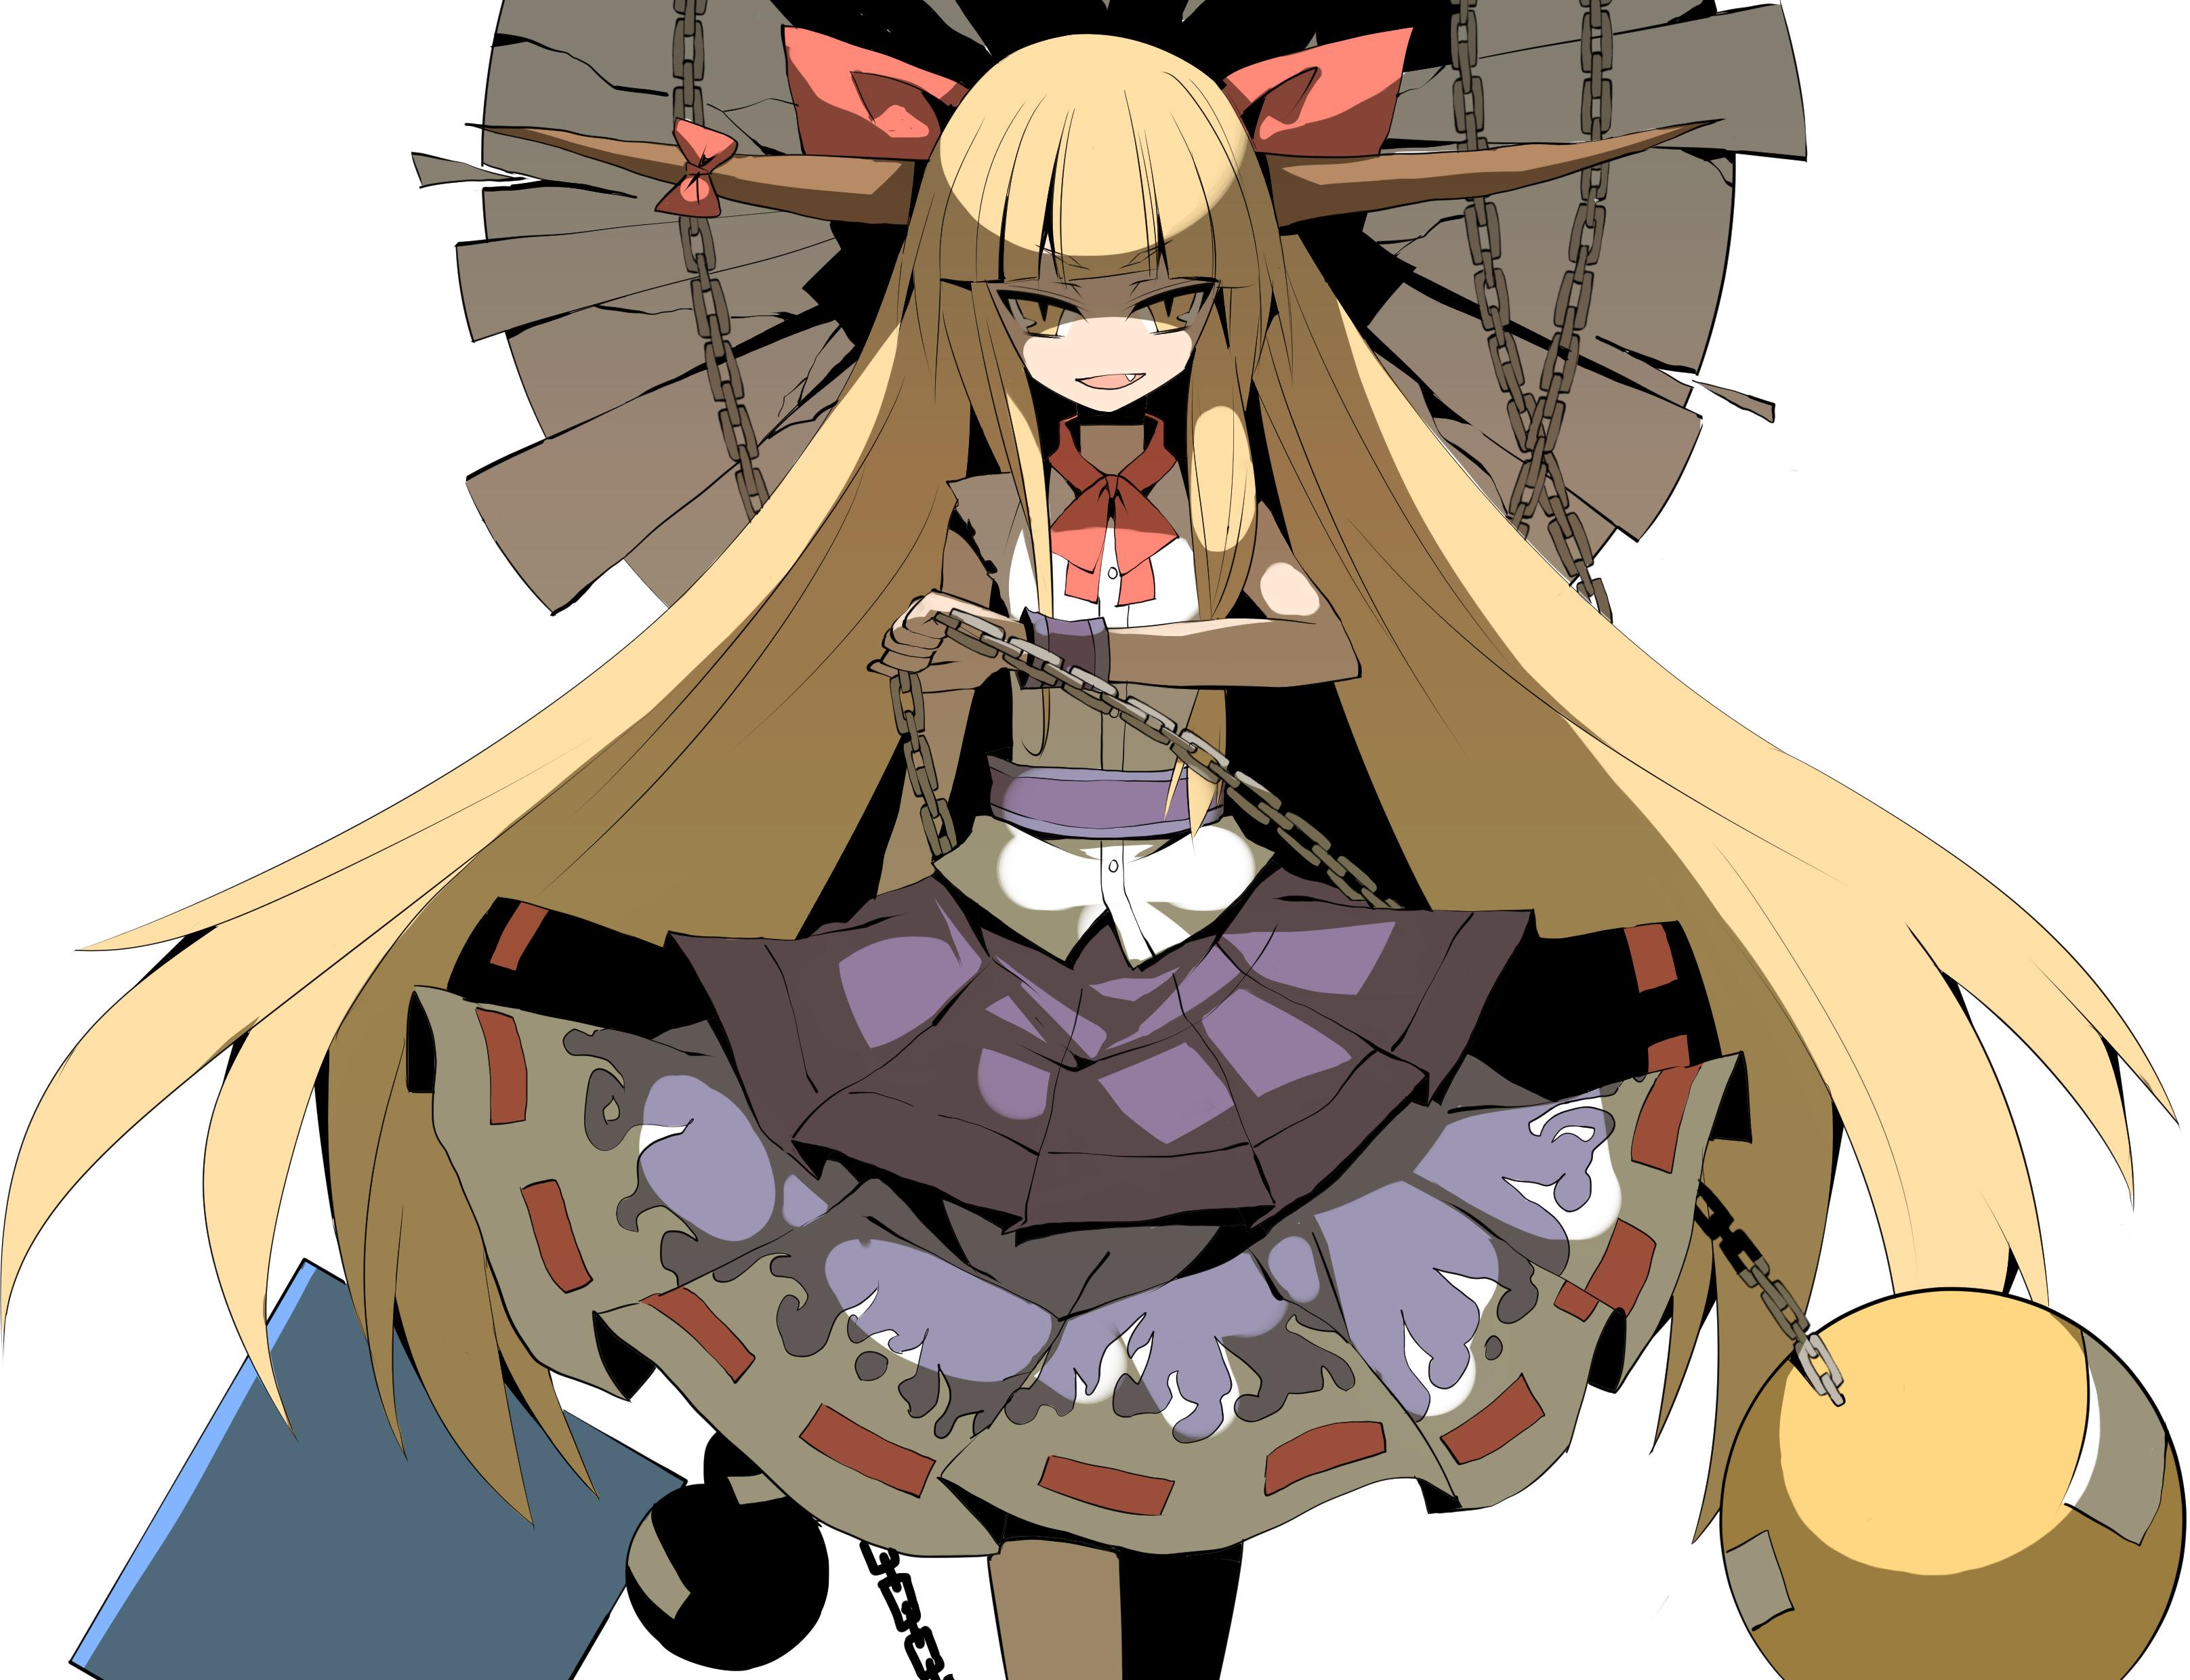 Touhou Ibuki Suika Wallpaper 3232x2480 83818 Wallpaperup